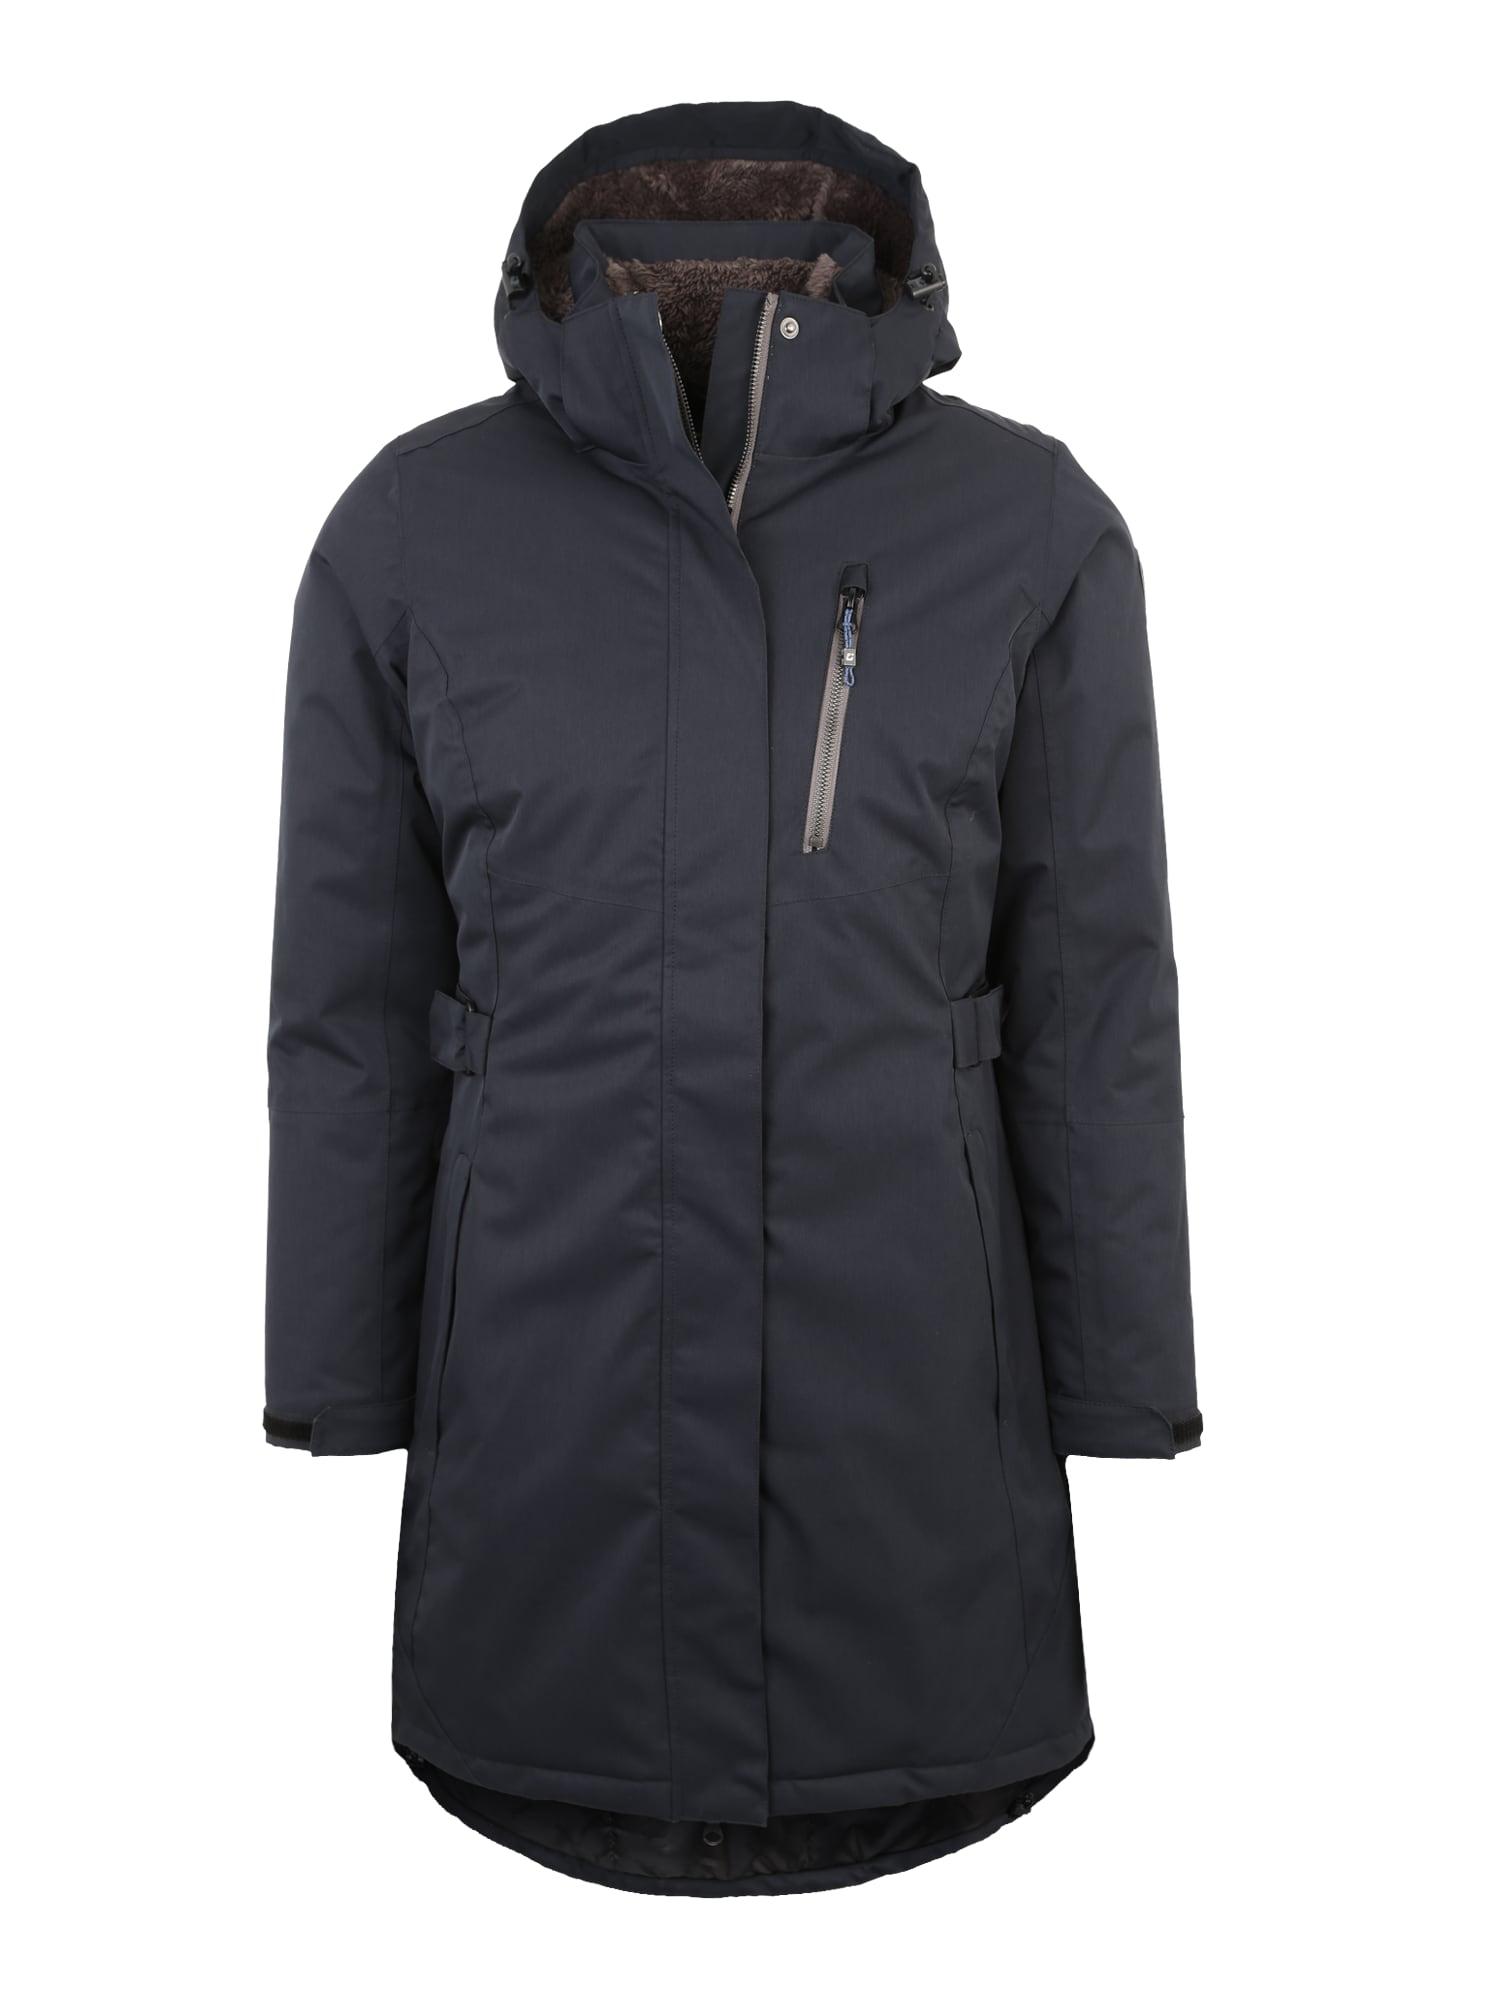 Outdoorový kabát Alisi tmavě modrá KILLTEC